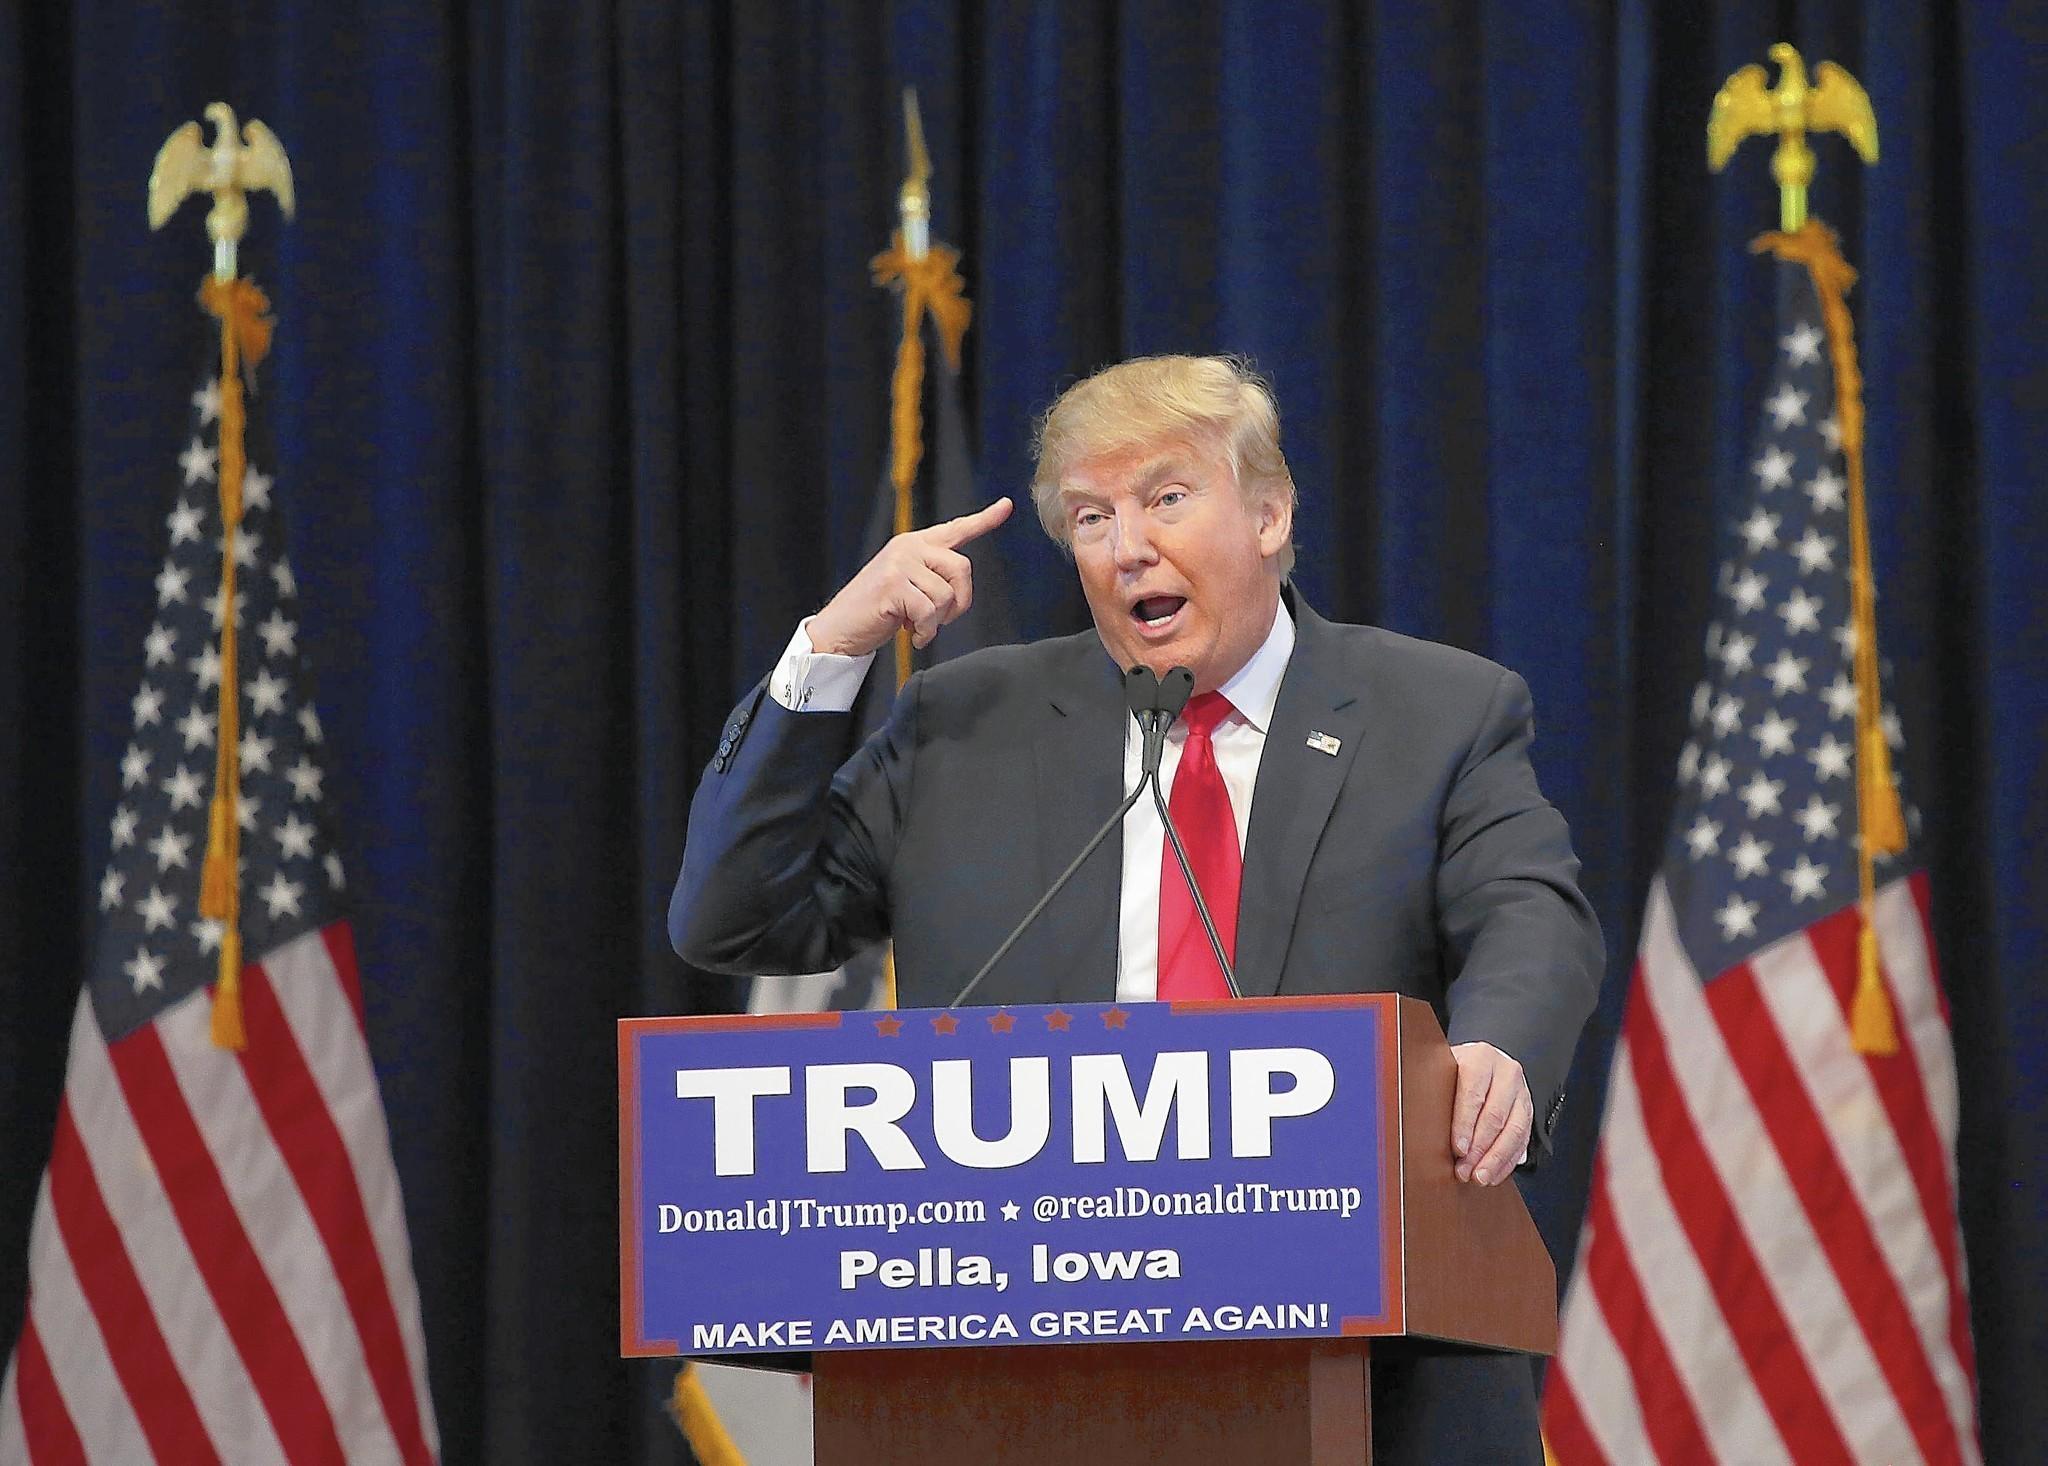 Трамп надеется в случае победы на выборах иметь хорошие отношения с Путиным - Цензор.НЕТ 504